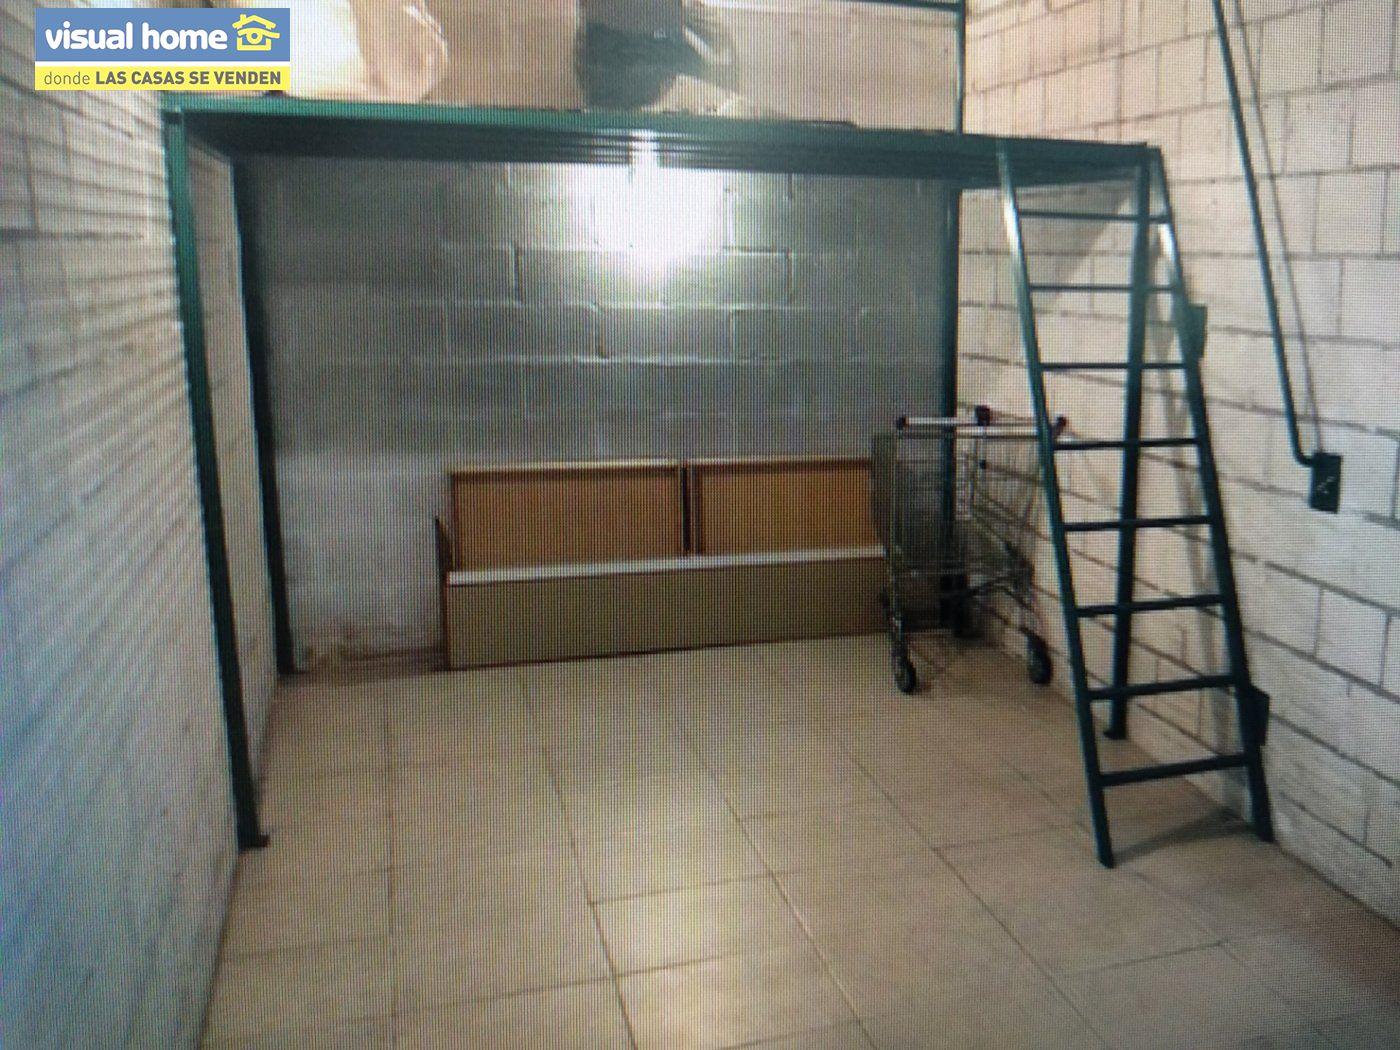 Apartamento 1 dormitorio con vistas espectaculares con parking y piscina en Rincón de Loix llano 34